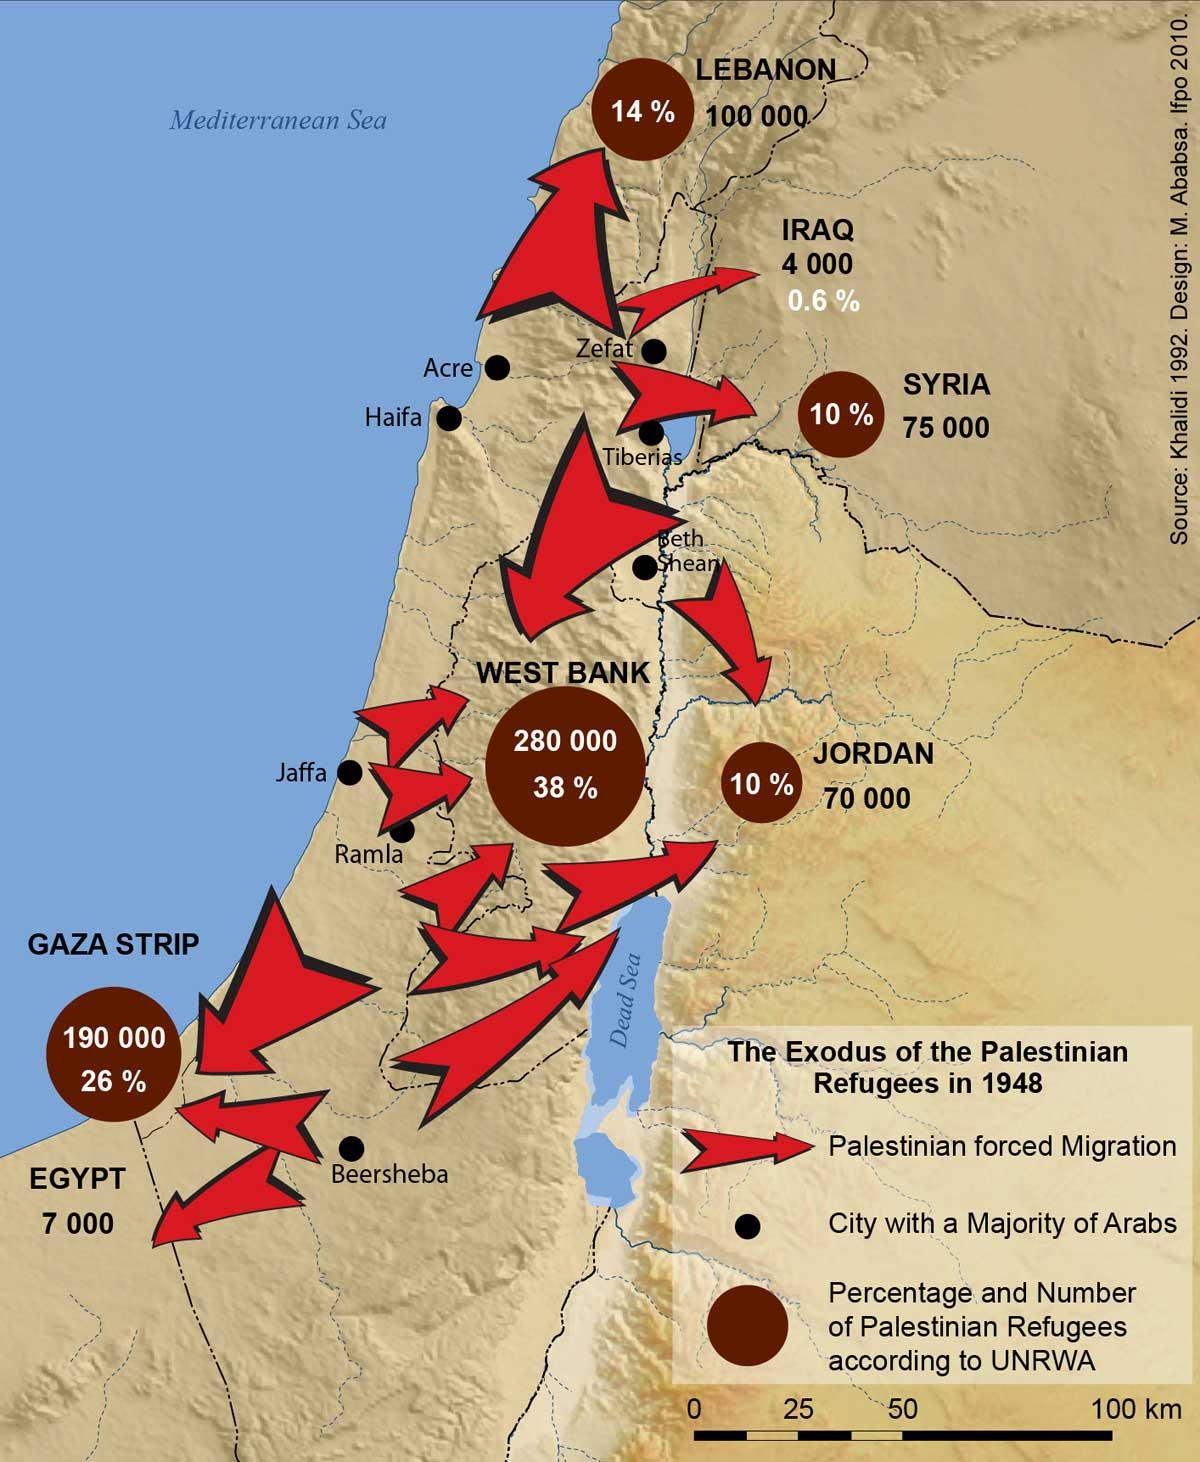 monte Vesubio Pasto vapor  Atlas of Jordan - Jordan and the Palestinians - Presses de l'Ifpo